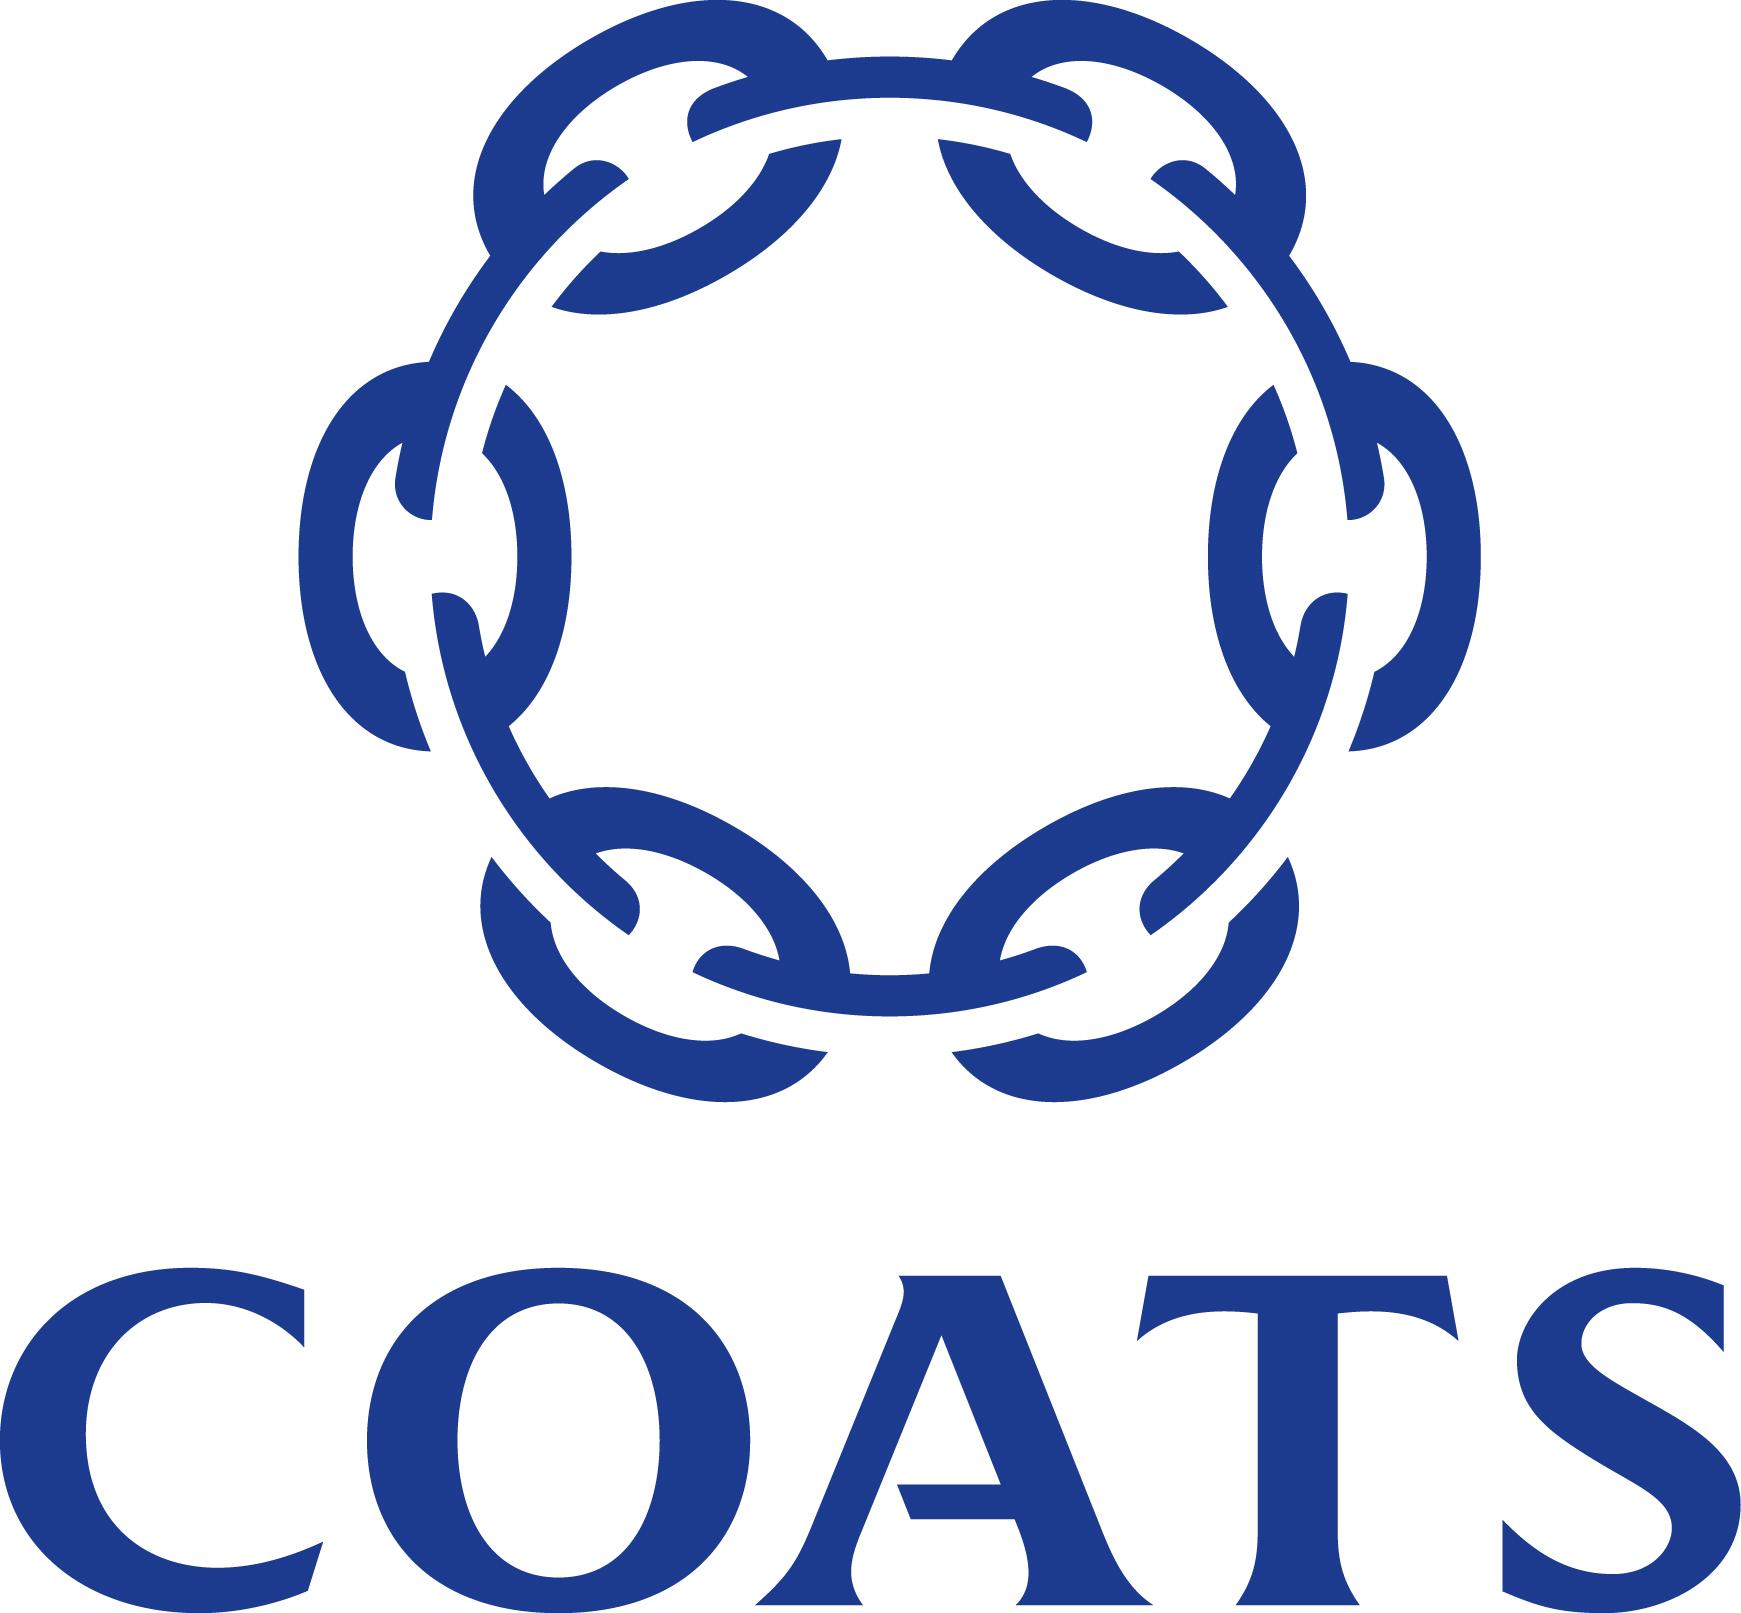 Coats & Clark.jpg